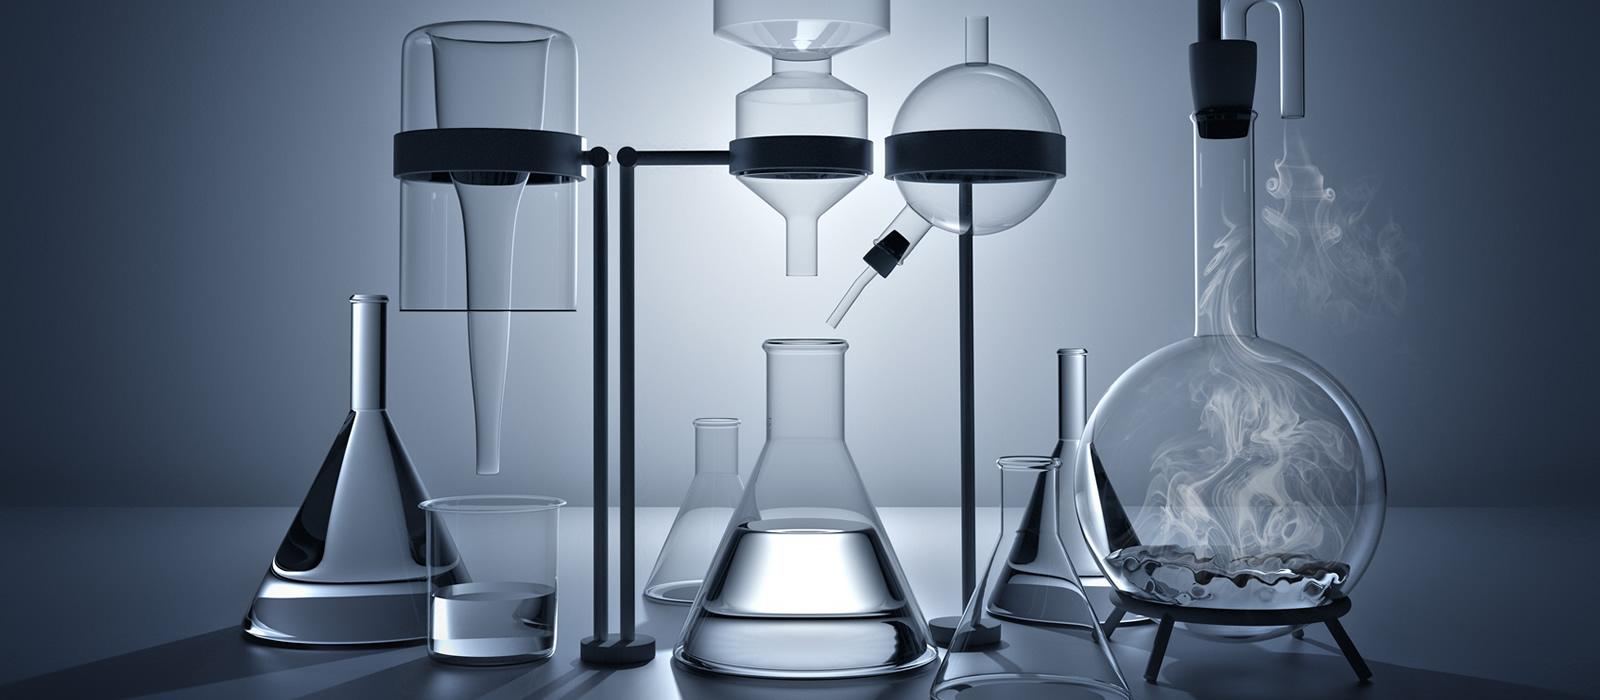 كيف تذاكر الكيمياء العضوية